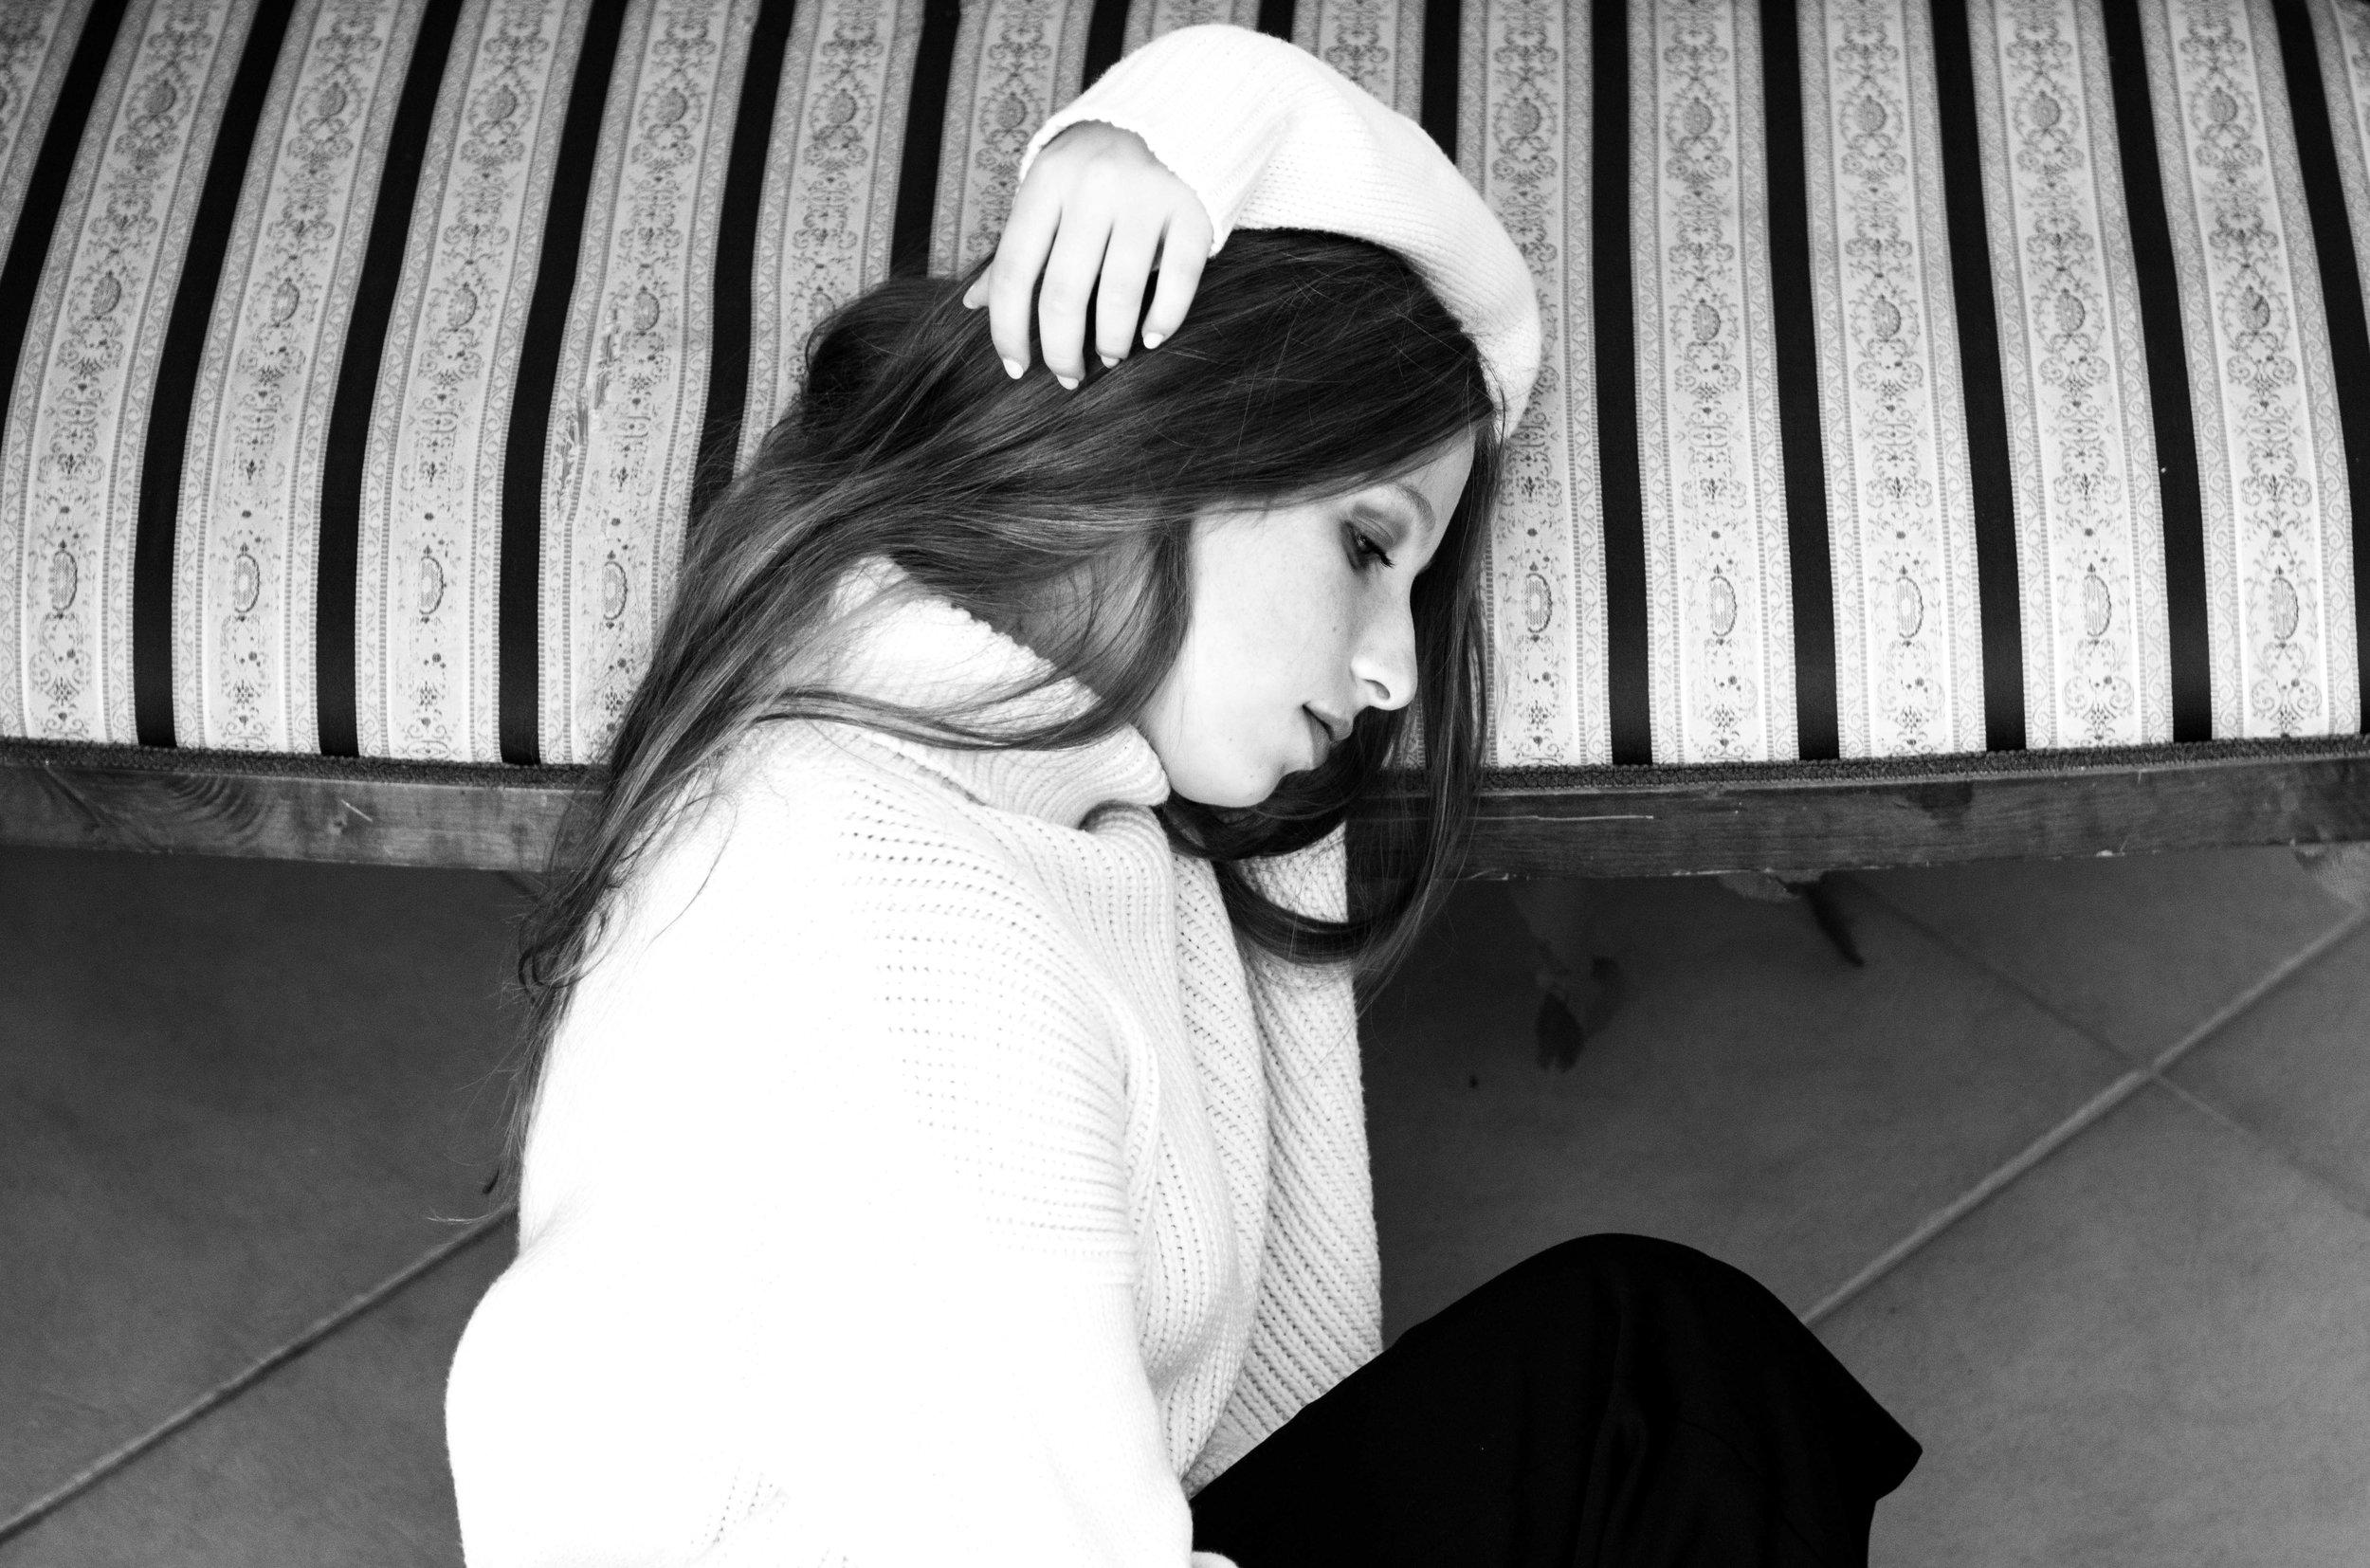 Makeup&photography- Lia Schon (me)  Model- Yael Lev Ari